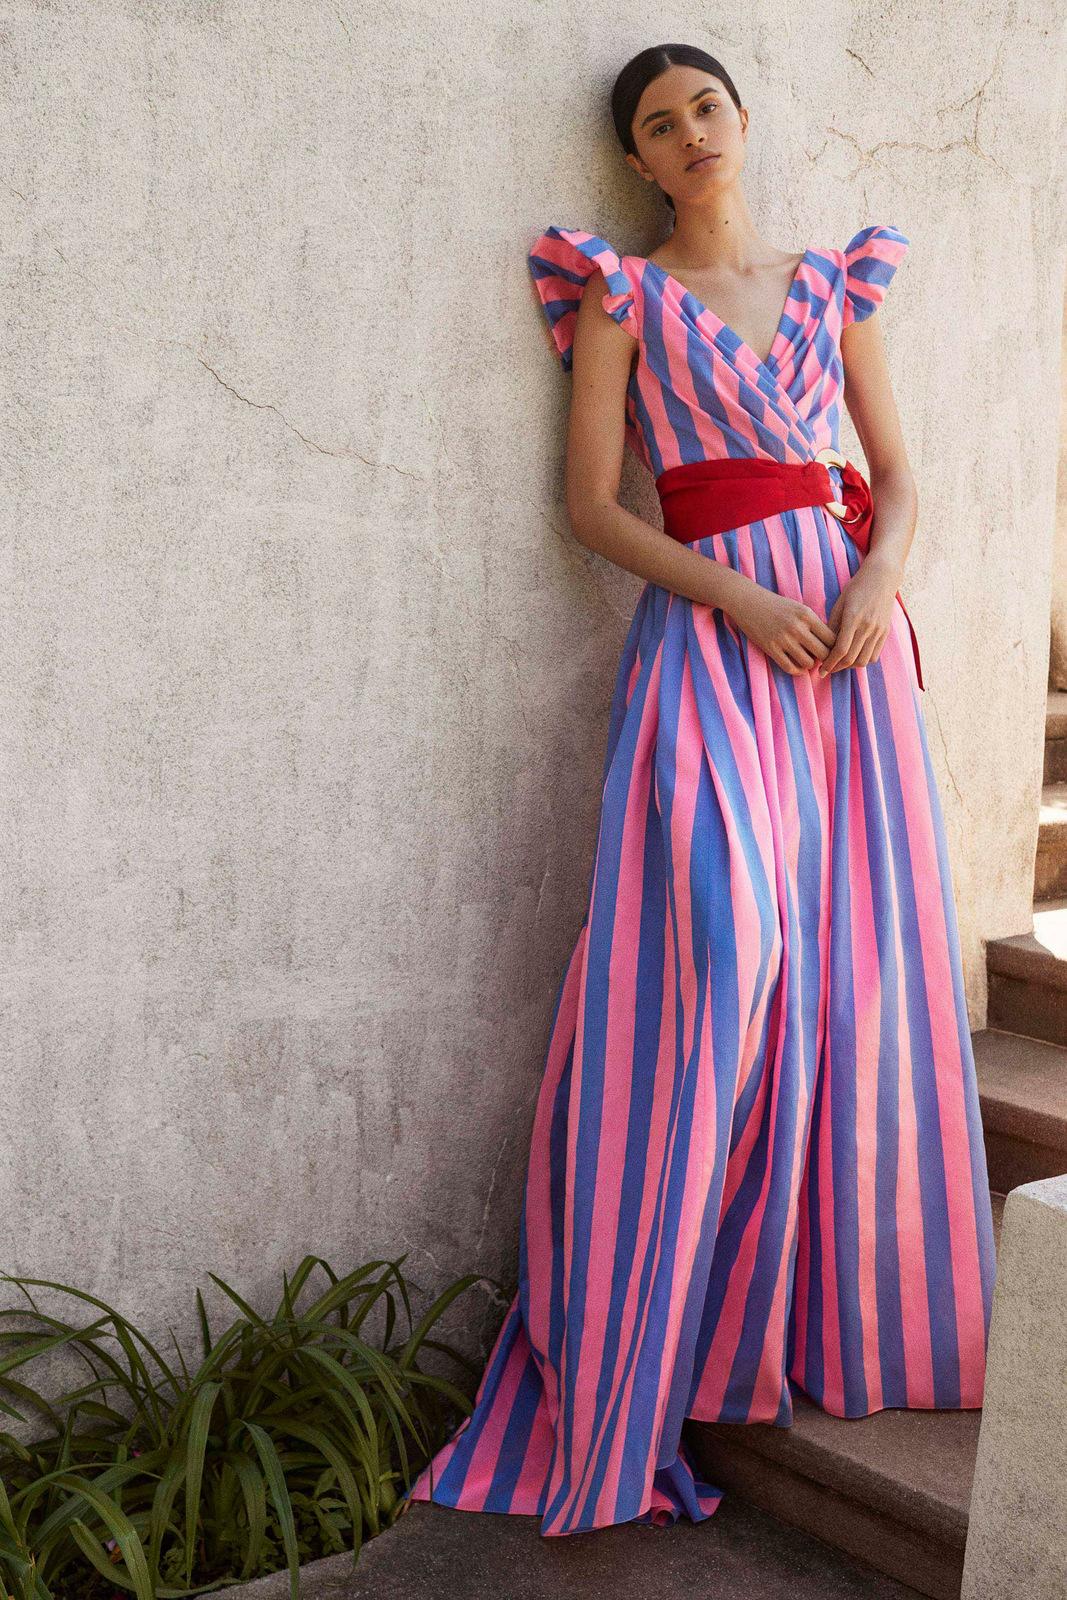 Carolina Herrera Resort 2018 - Level Up Your Fashion Style Summer 2017